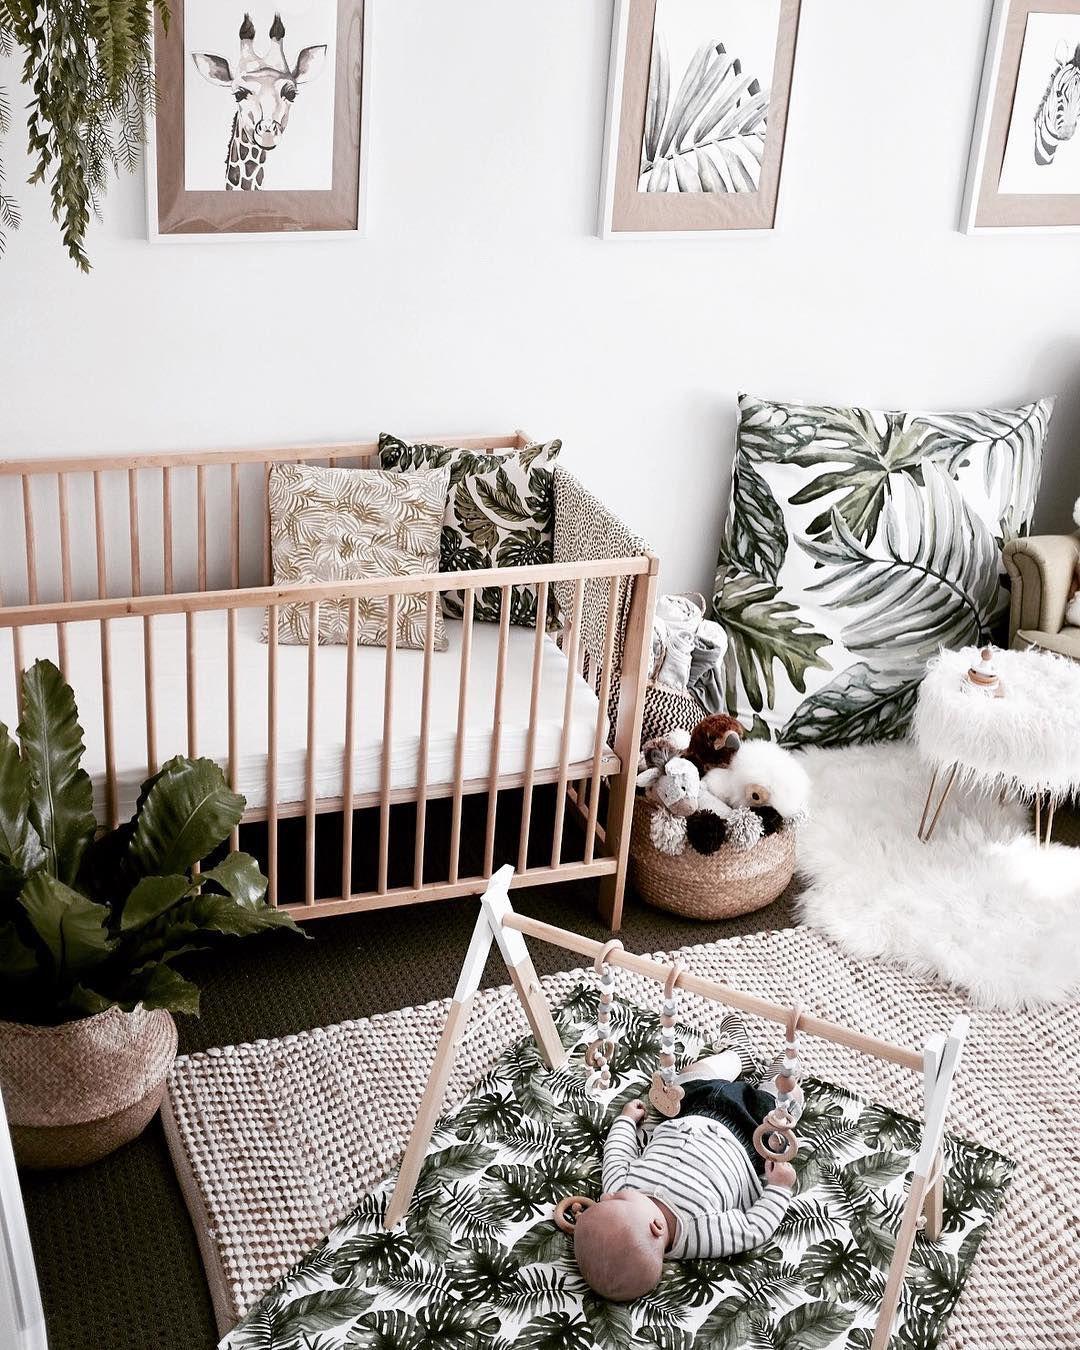 Adorable Ideas For An Animal Themed Nursery